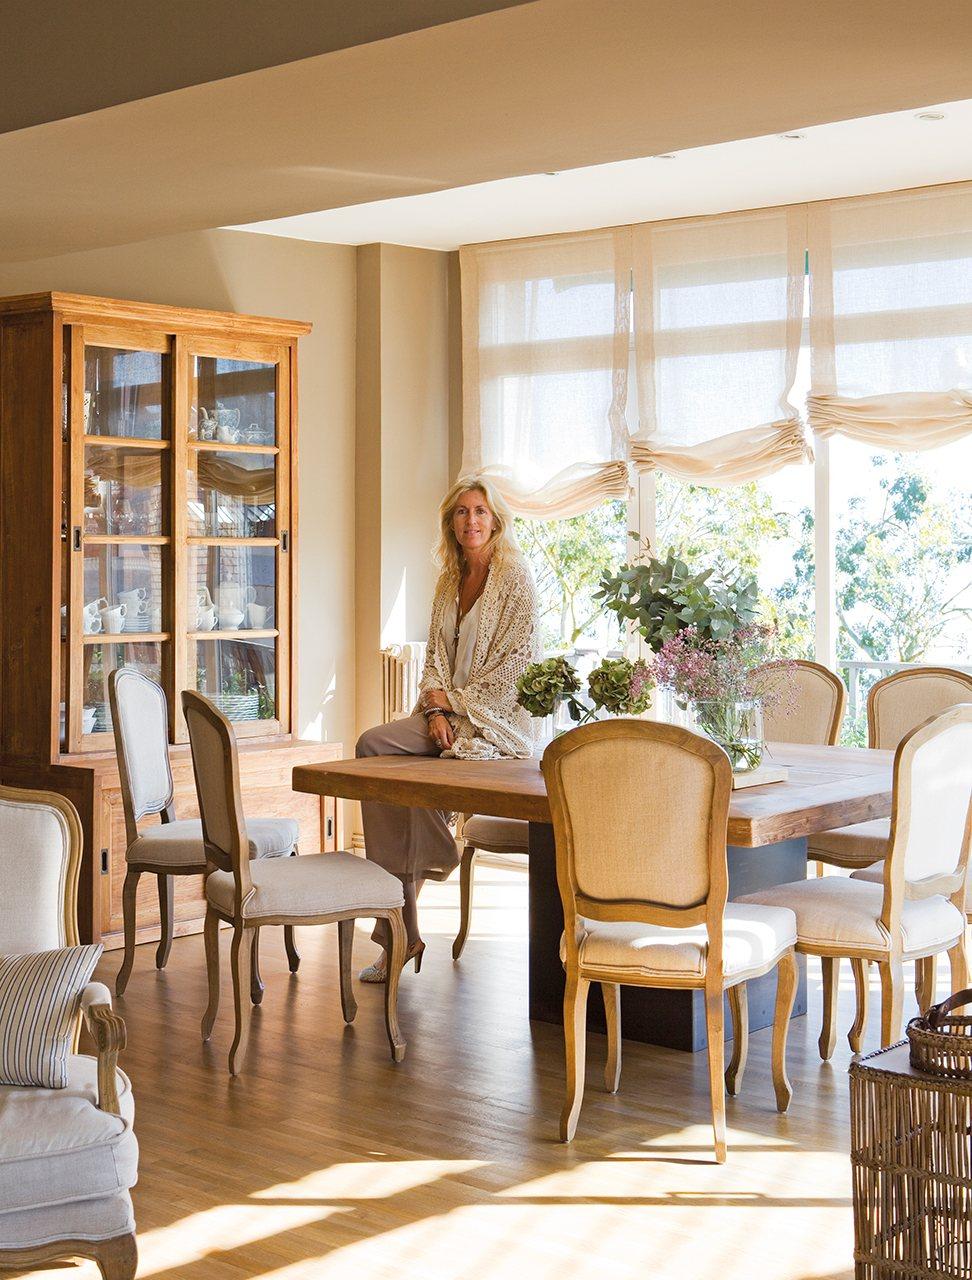 Estores Interiores De El Mueble # El Foco Muebles Caballito